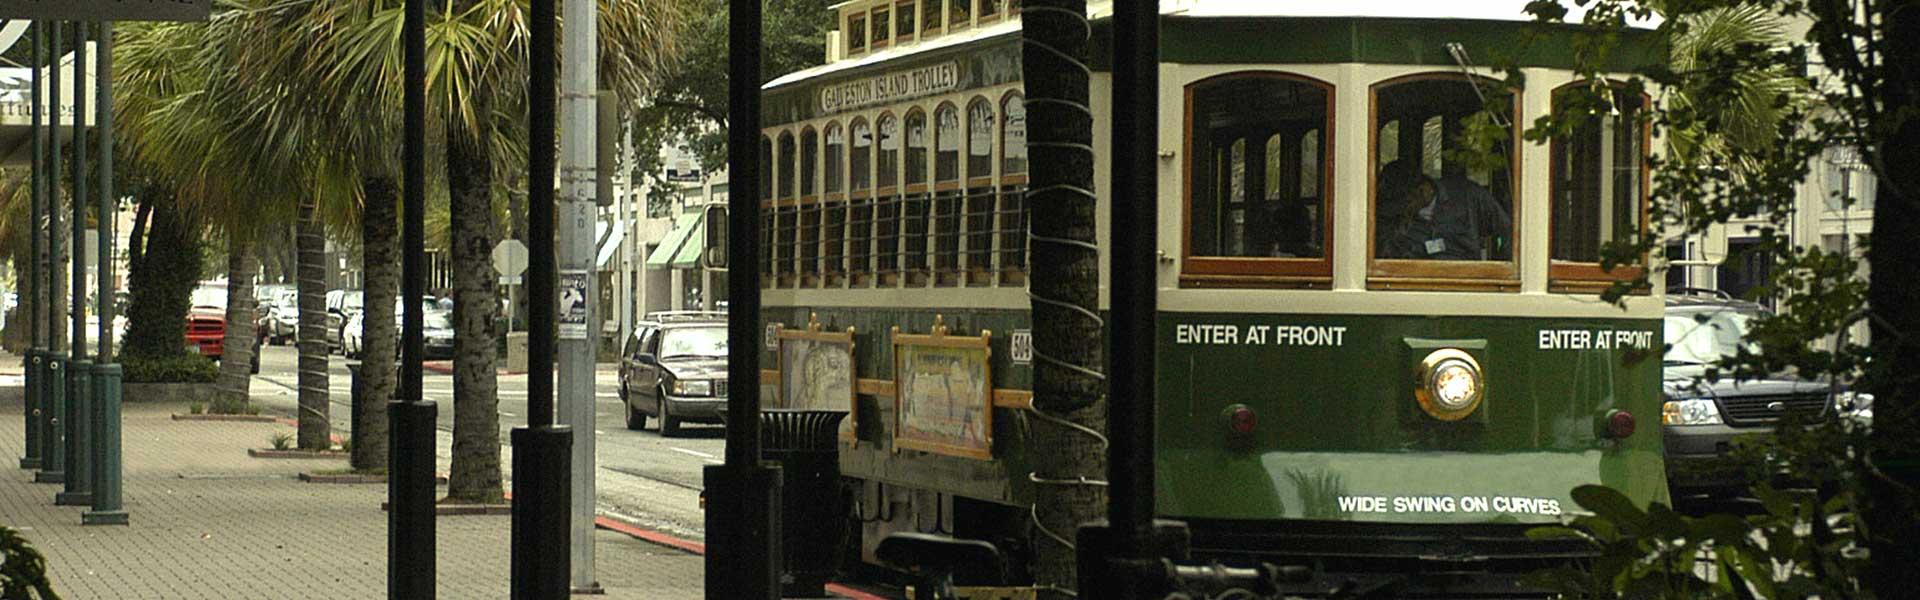 Galveston Island Trolley